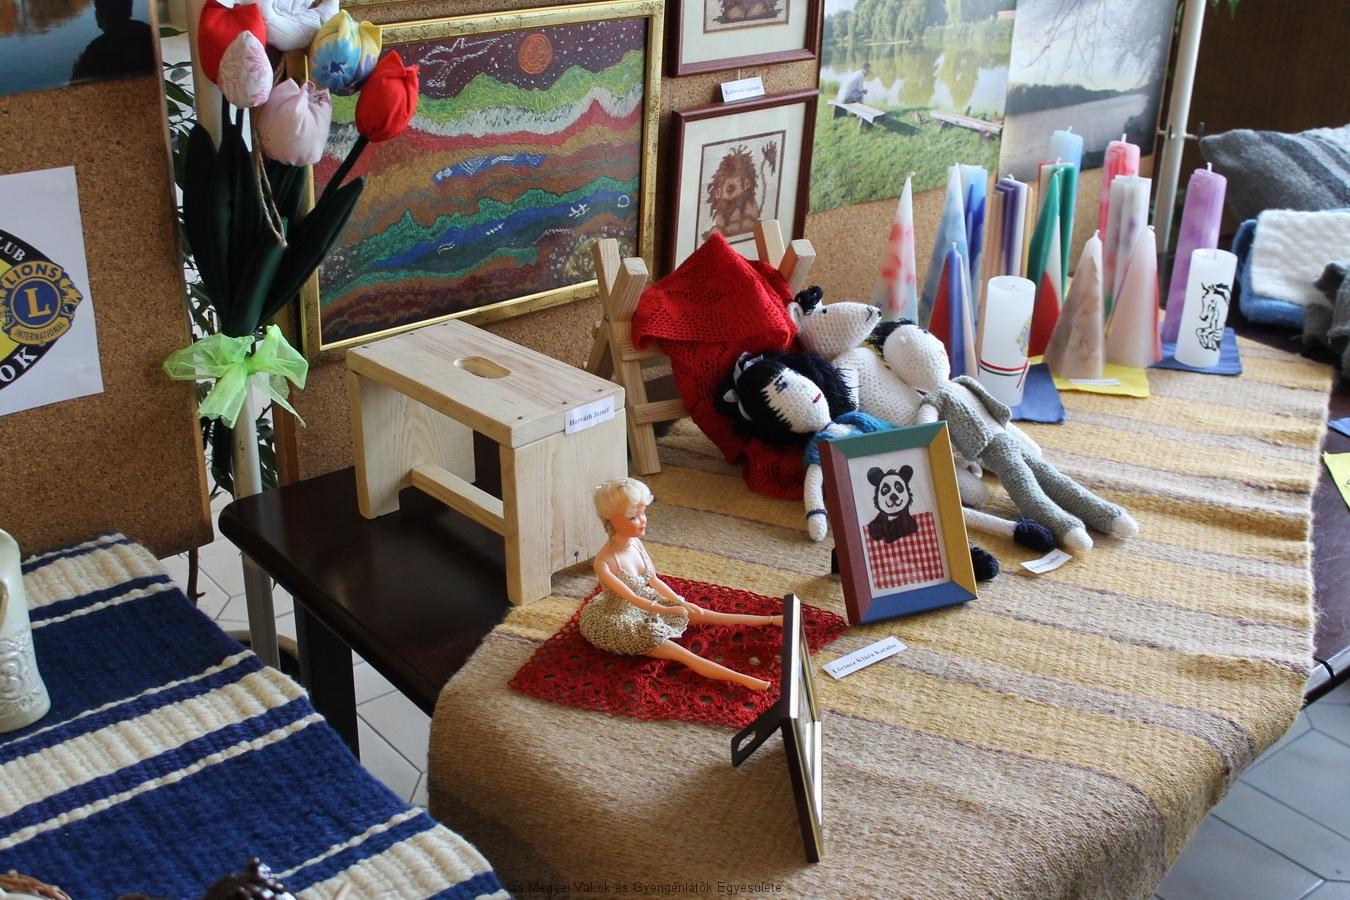 Horváth József készítette kis sámli és fűrészbak. A képen még láthatóak horgolt babák, képek, gyöngyből fűzött nyakláncok,melyeket mások készítettek.